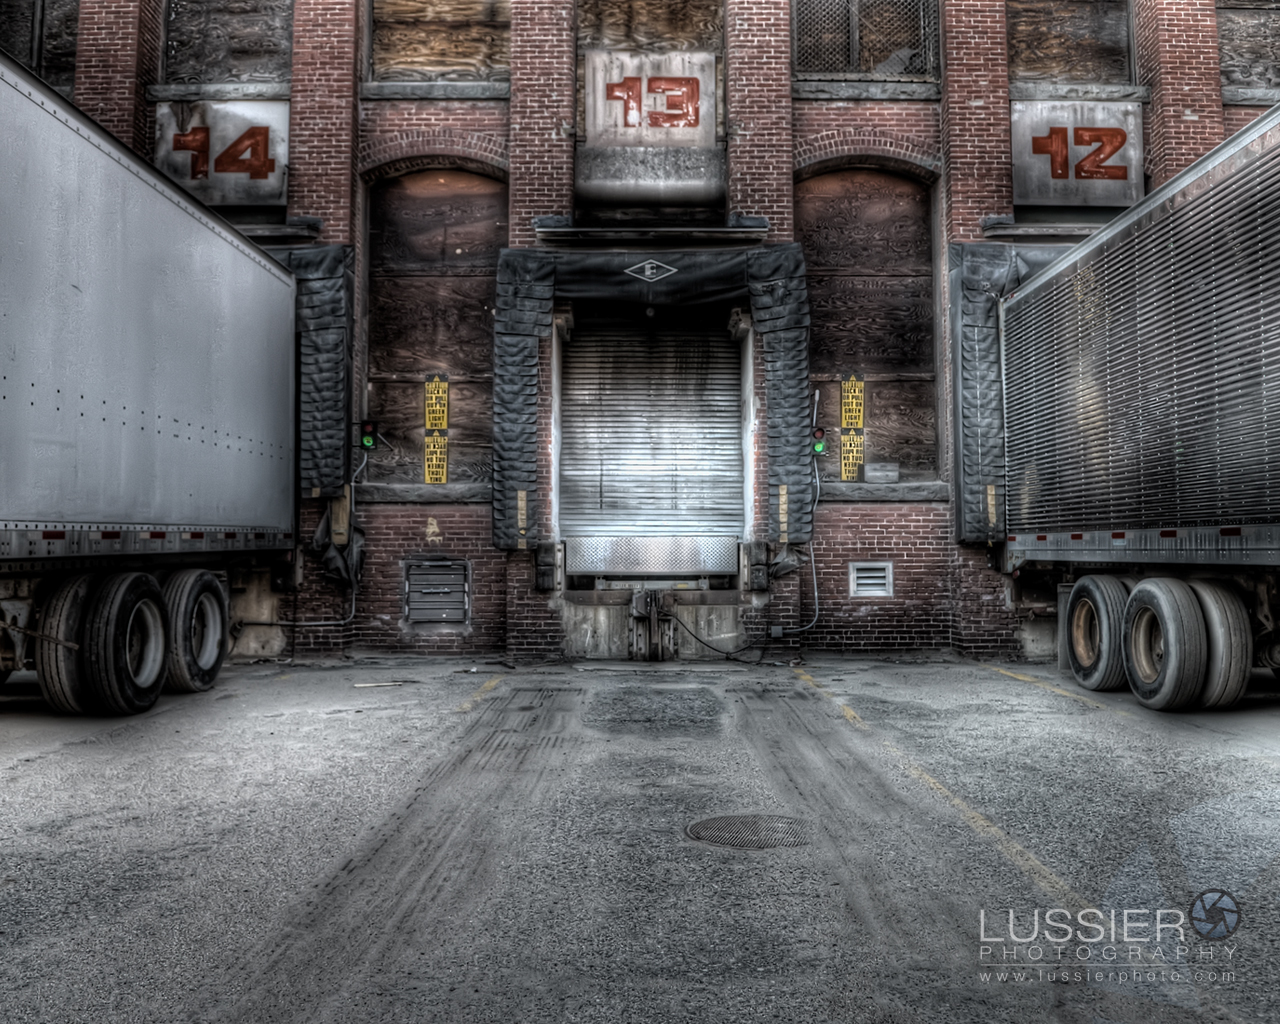 Lucky 13 Wallpaper 17 jul 2010 1345 608k 1280x1024